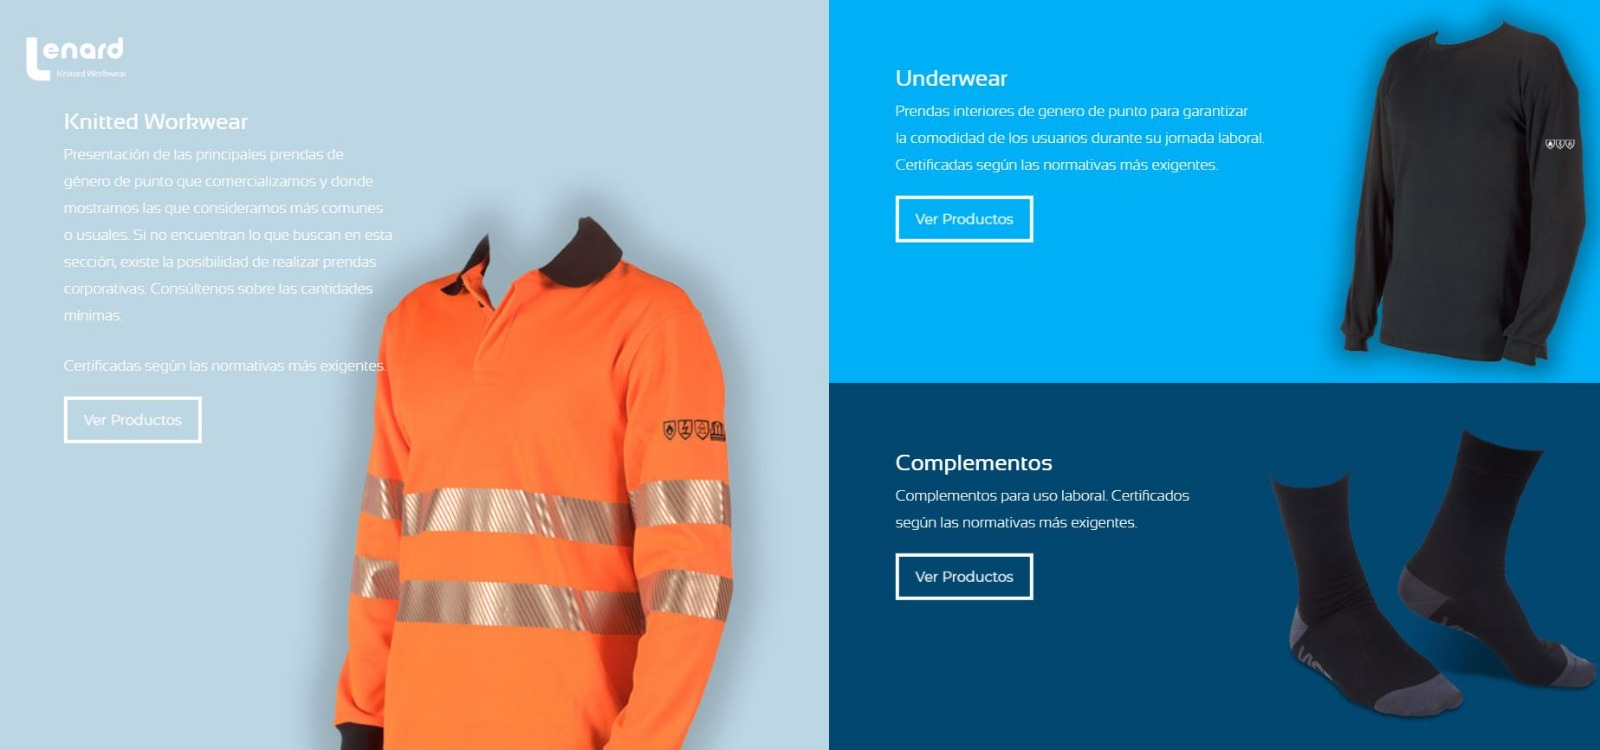 Lenard développe sa gamme avec une collection de vêtements tricotés pour la protection au travail